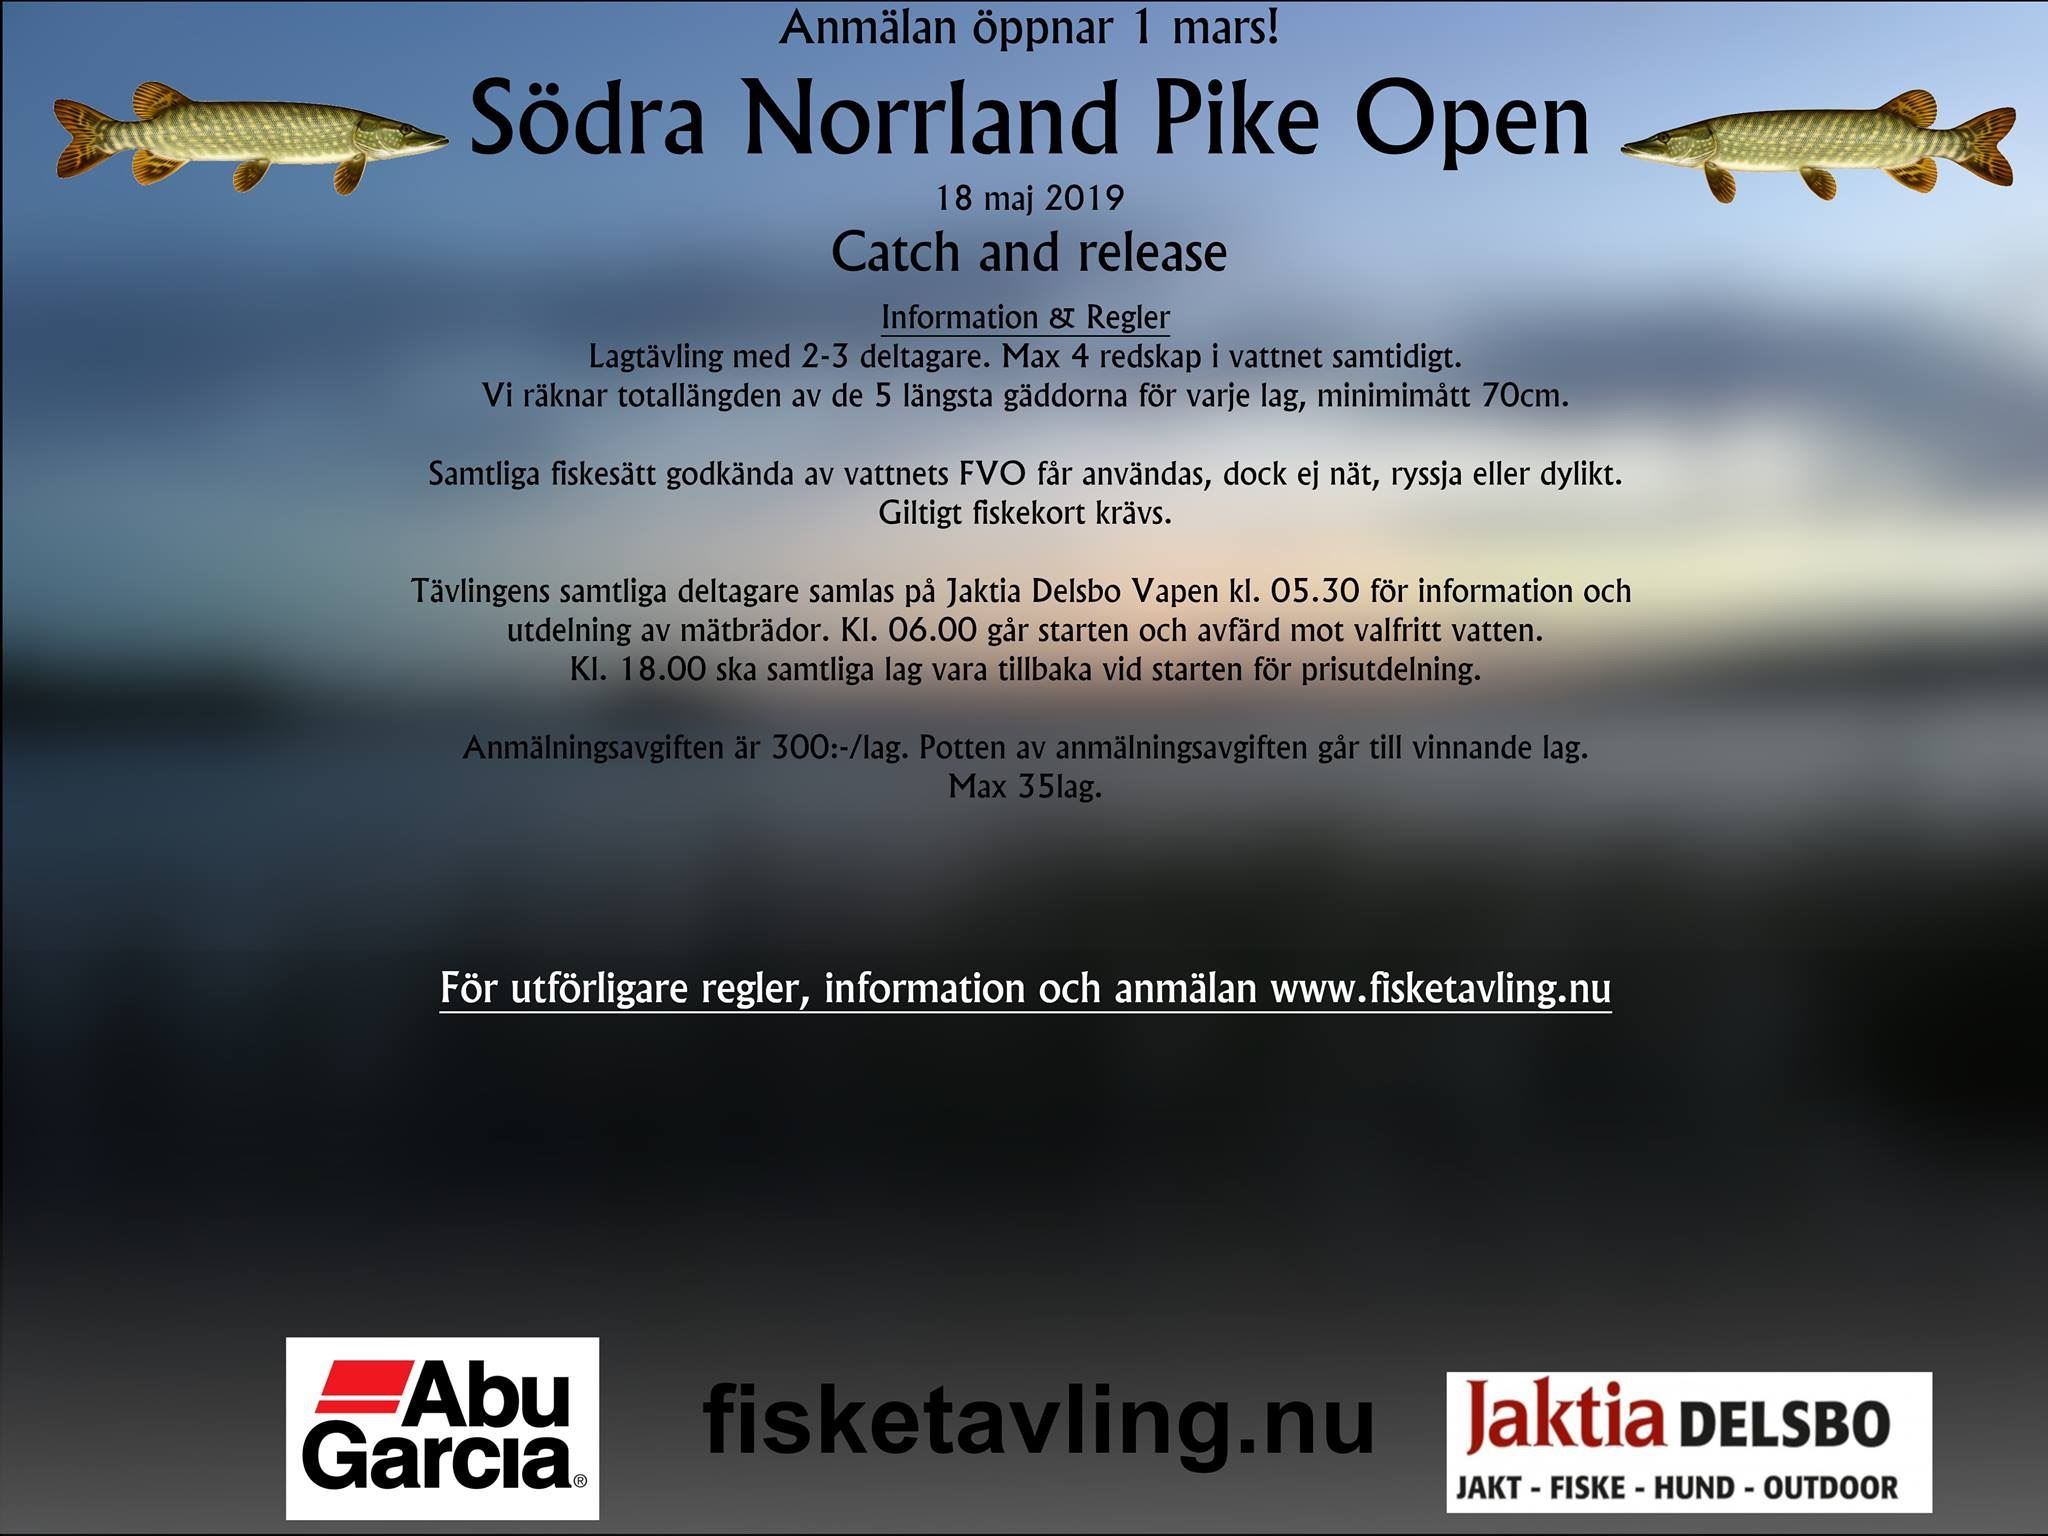 Södra Norrland Pike Open.